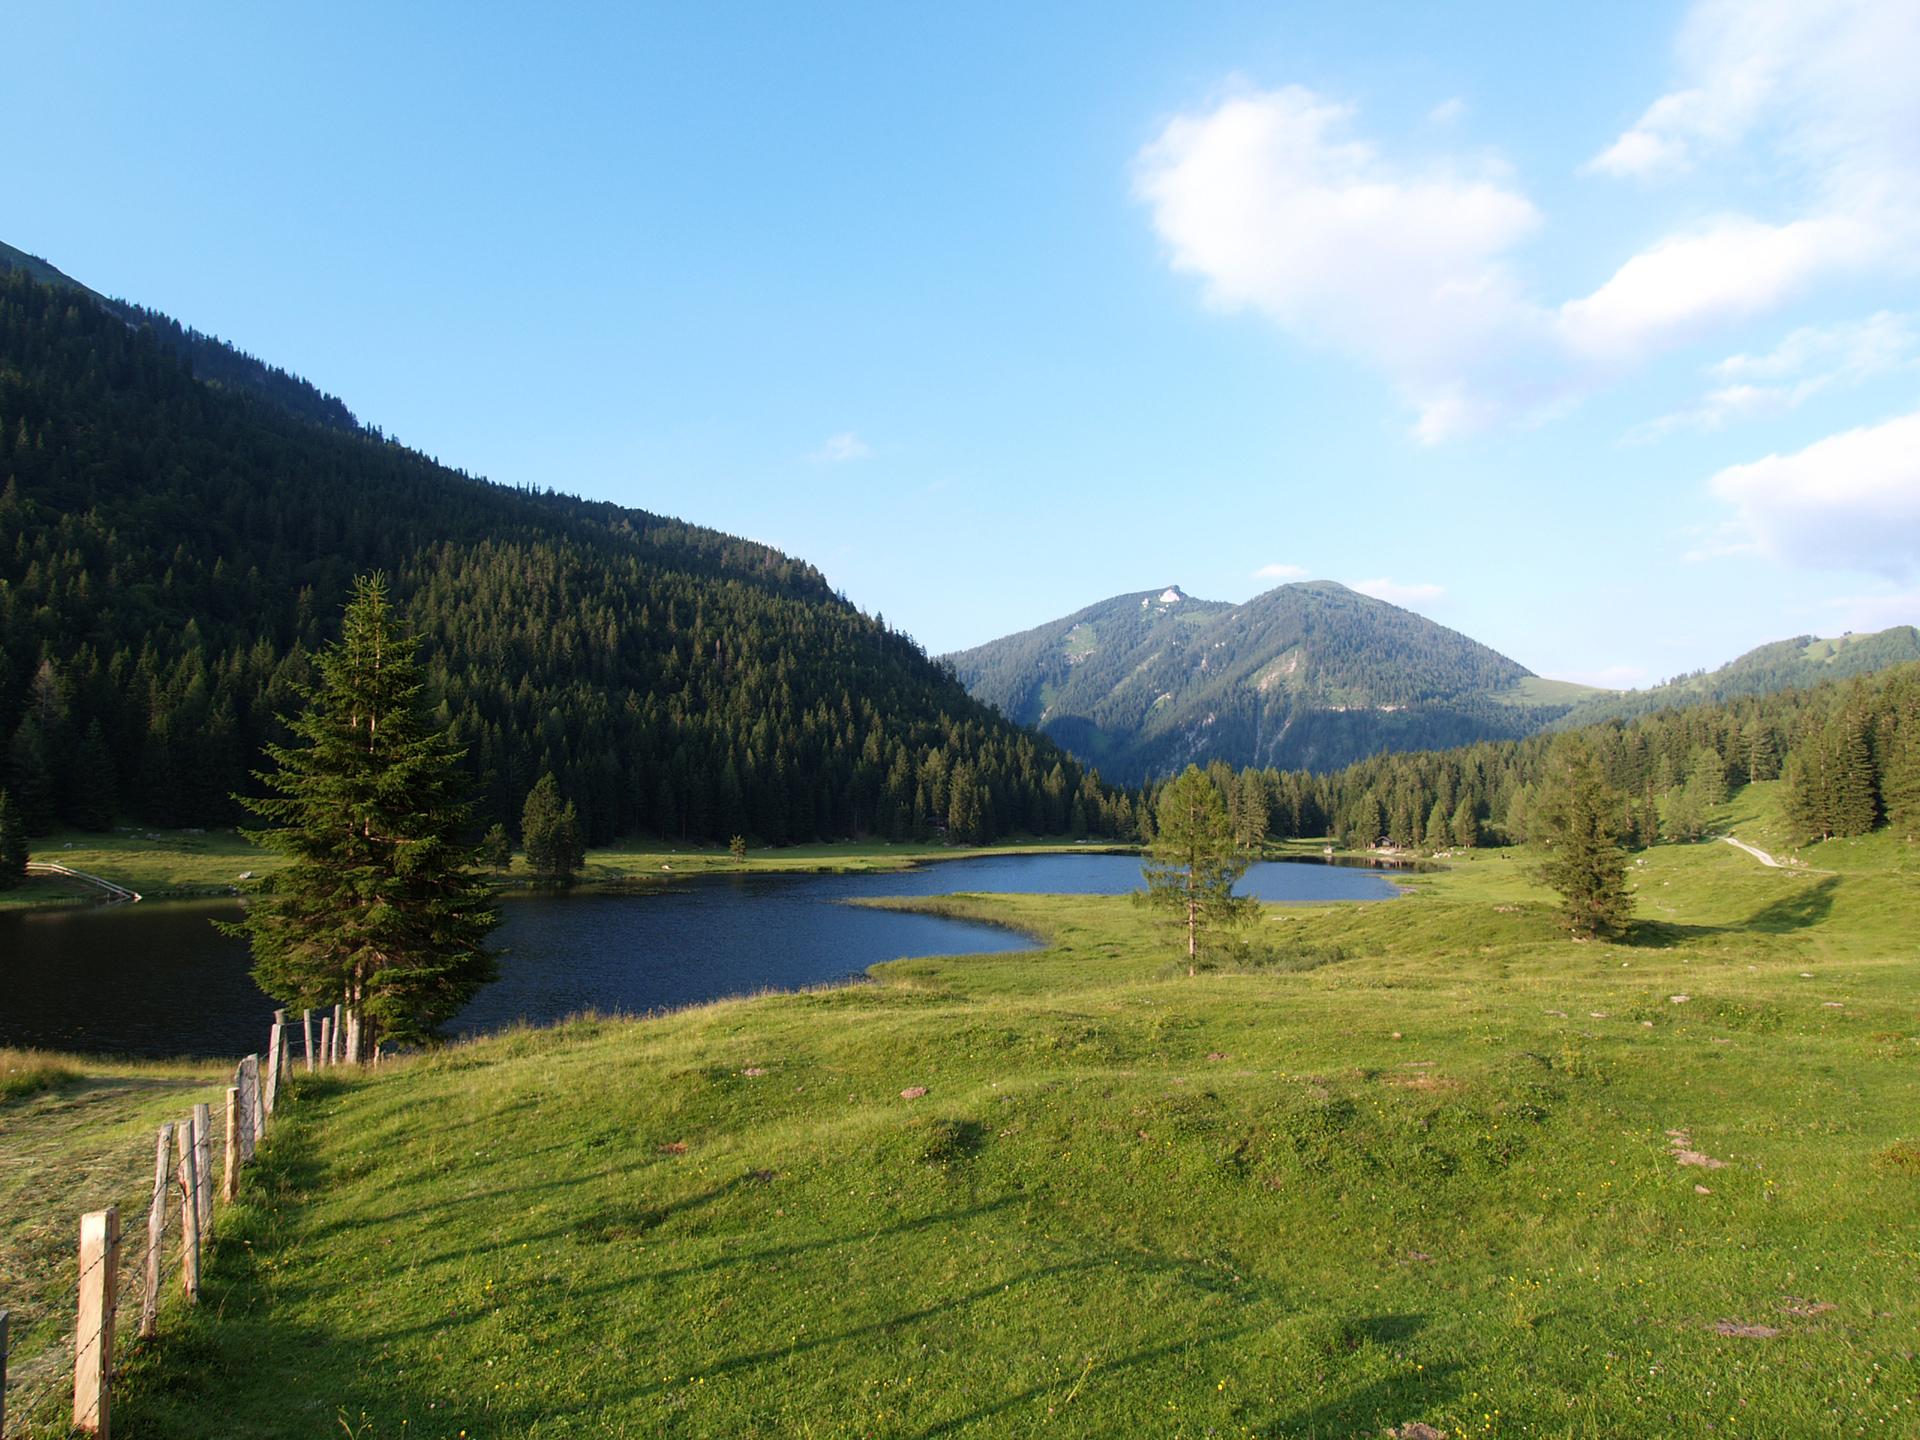 Bergsee umgeben von Weiden und Bergen